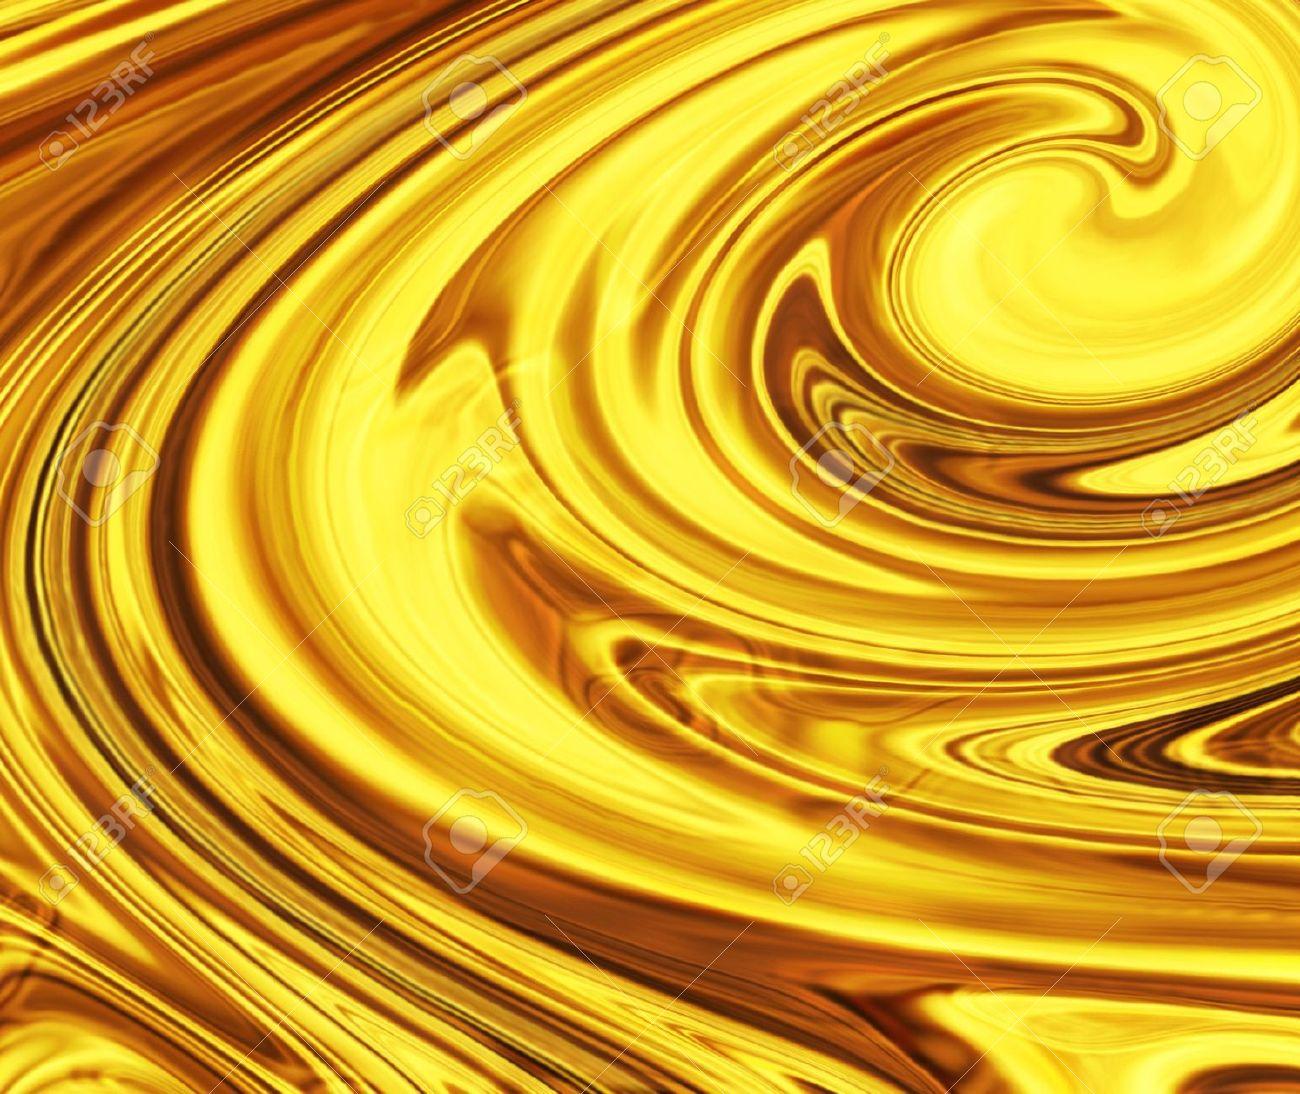 Liquid gold clipart.